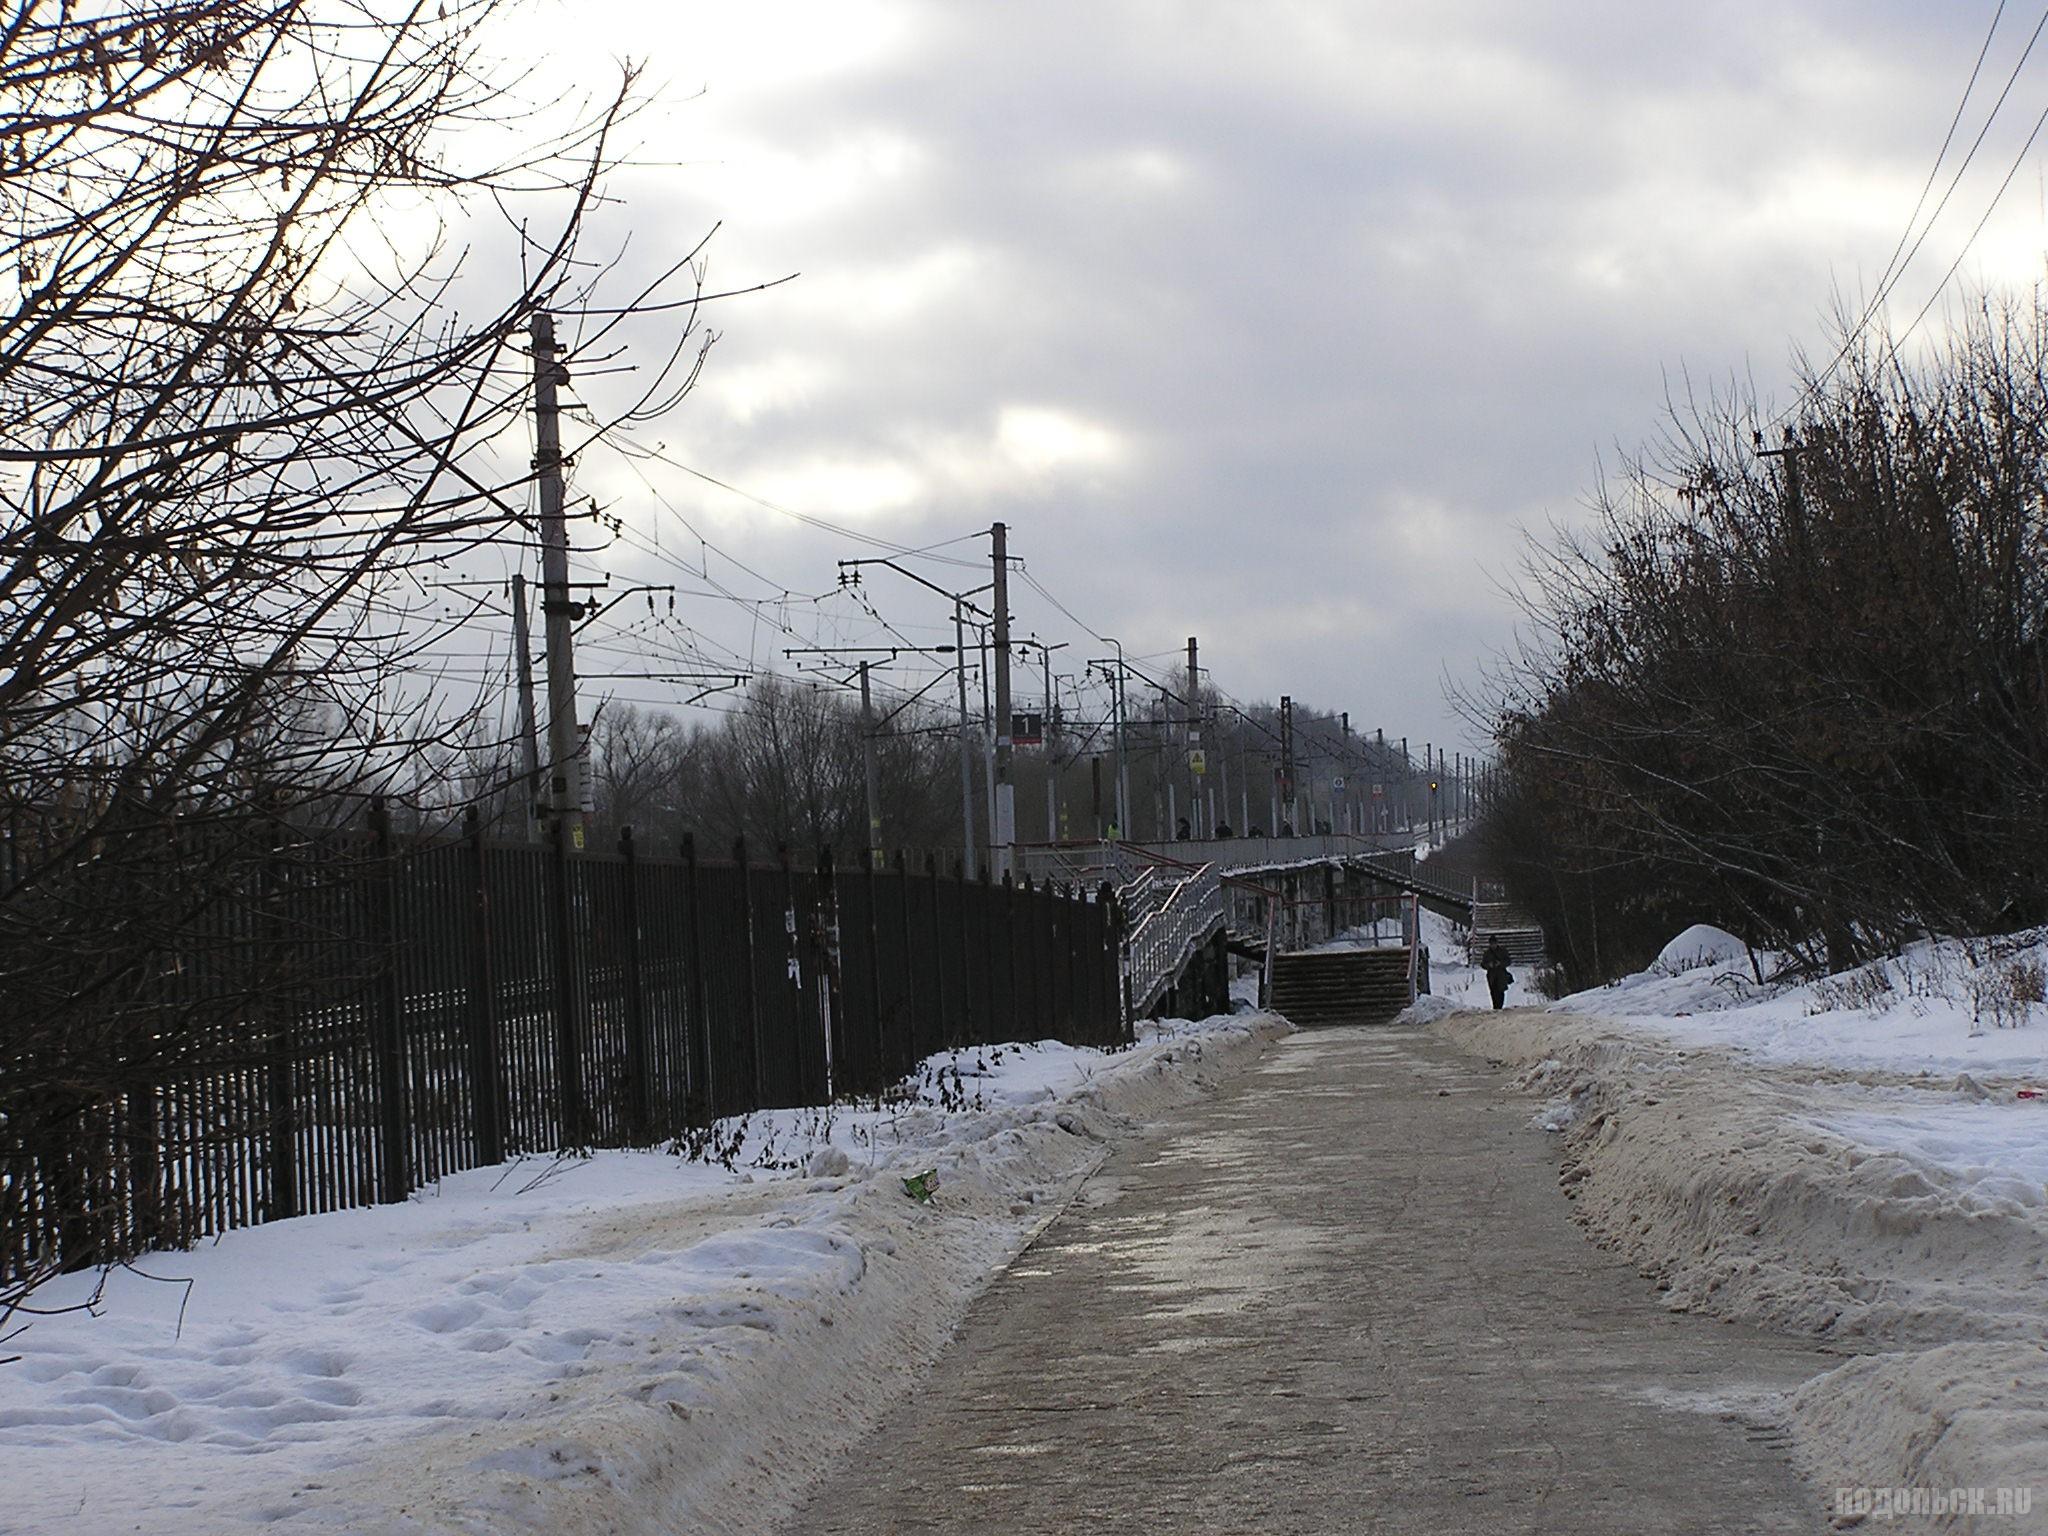 Платформа Кутузовская. Декабрь 2016 г.